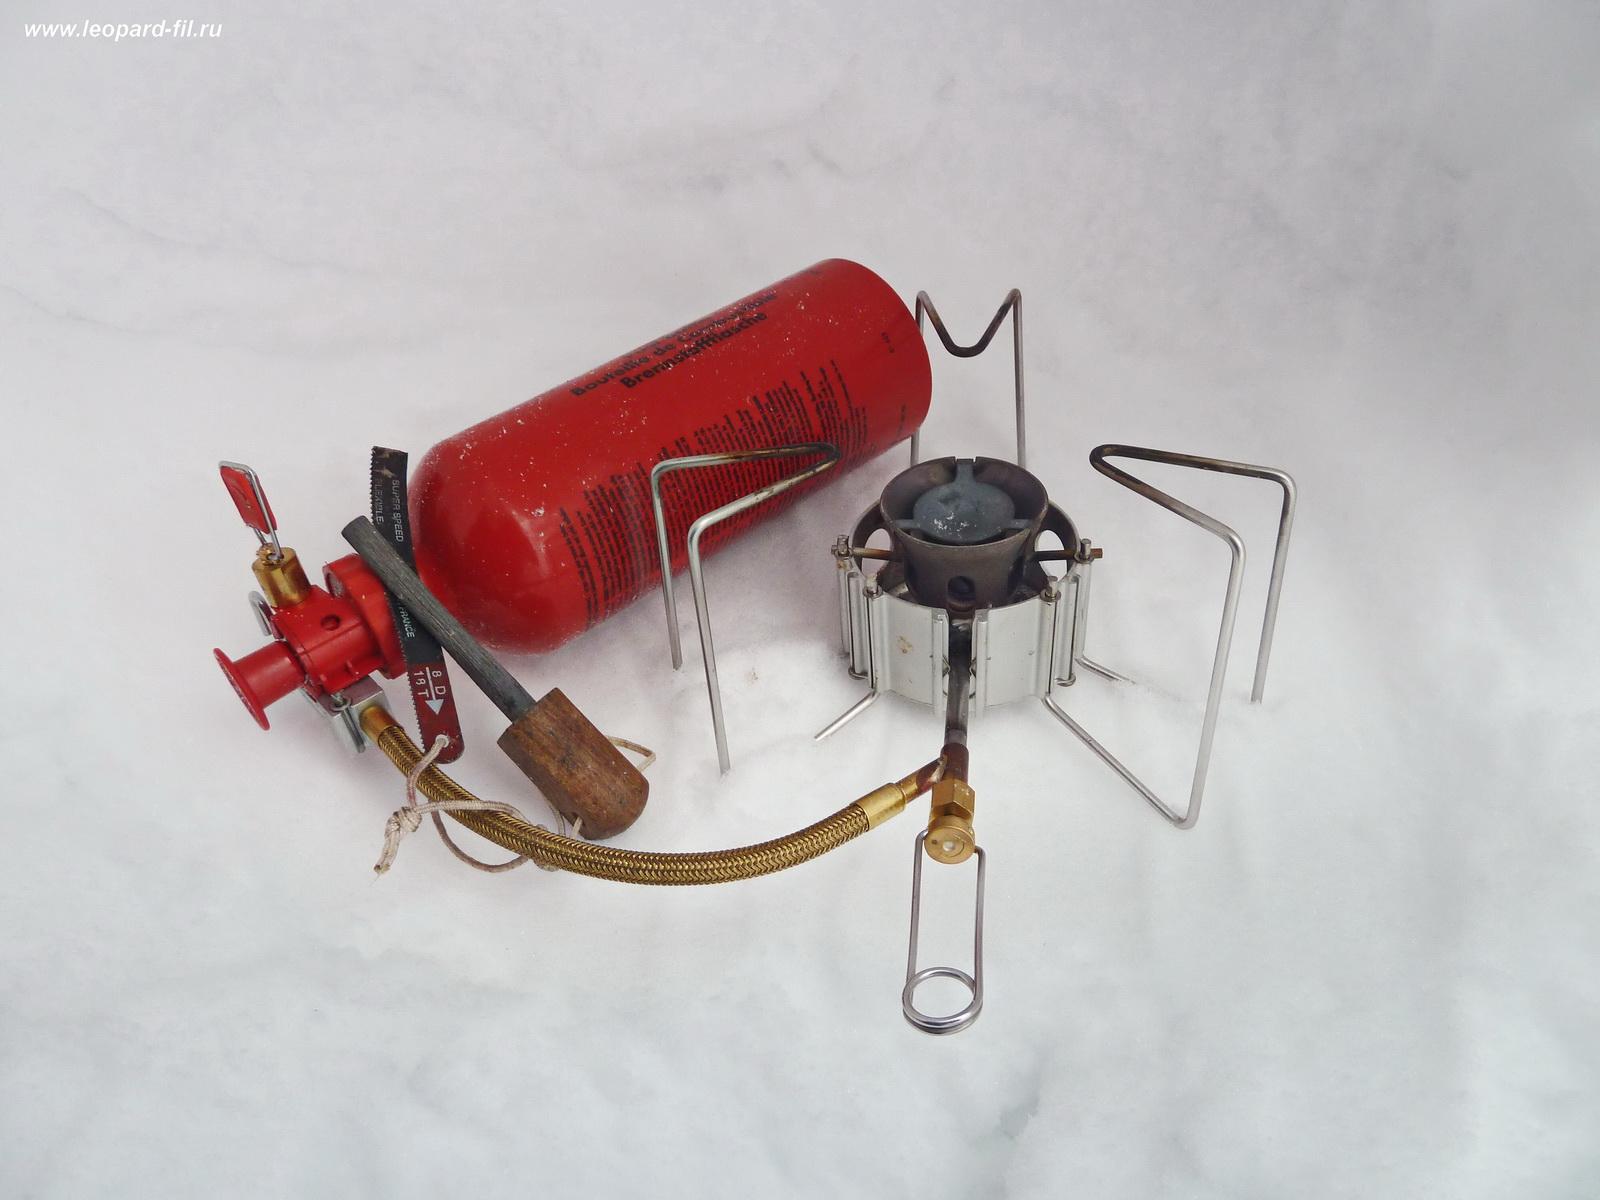 Веса бензиновых горелок и  их работе при низких температурах